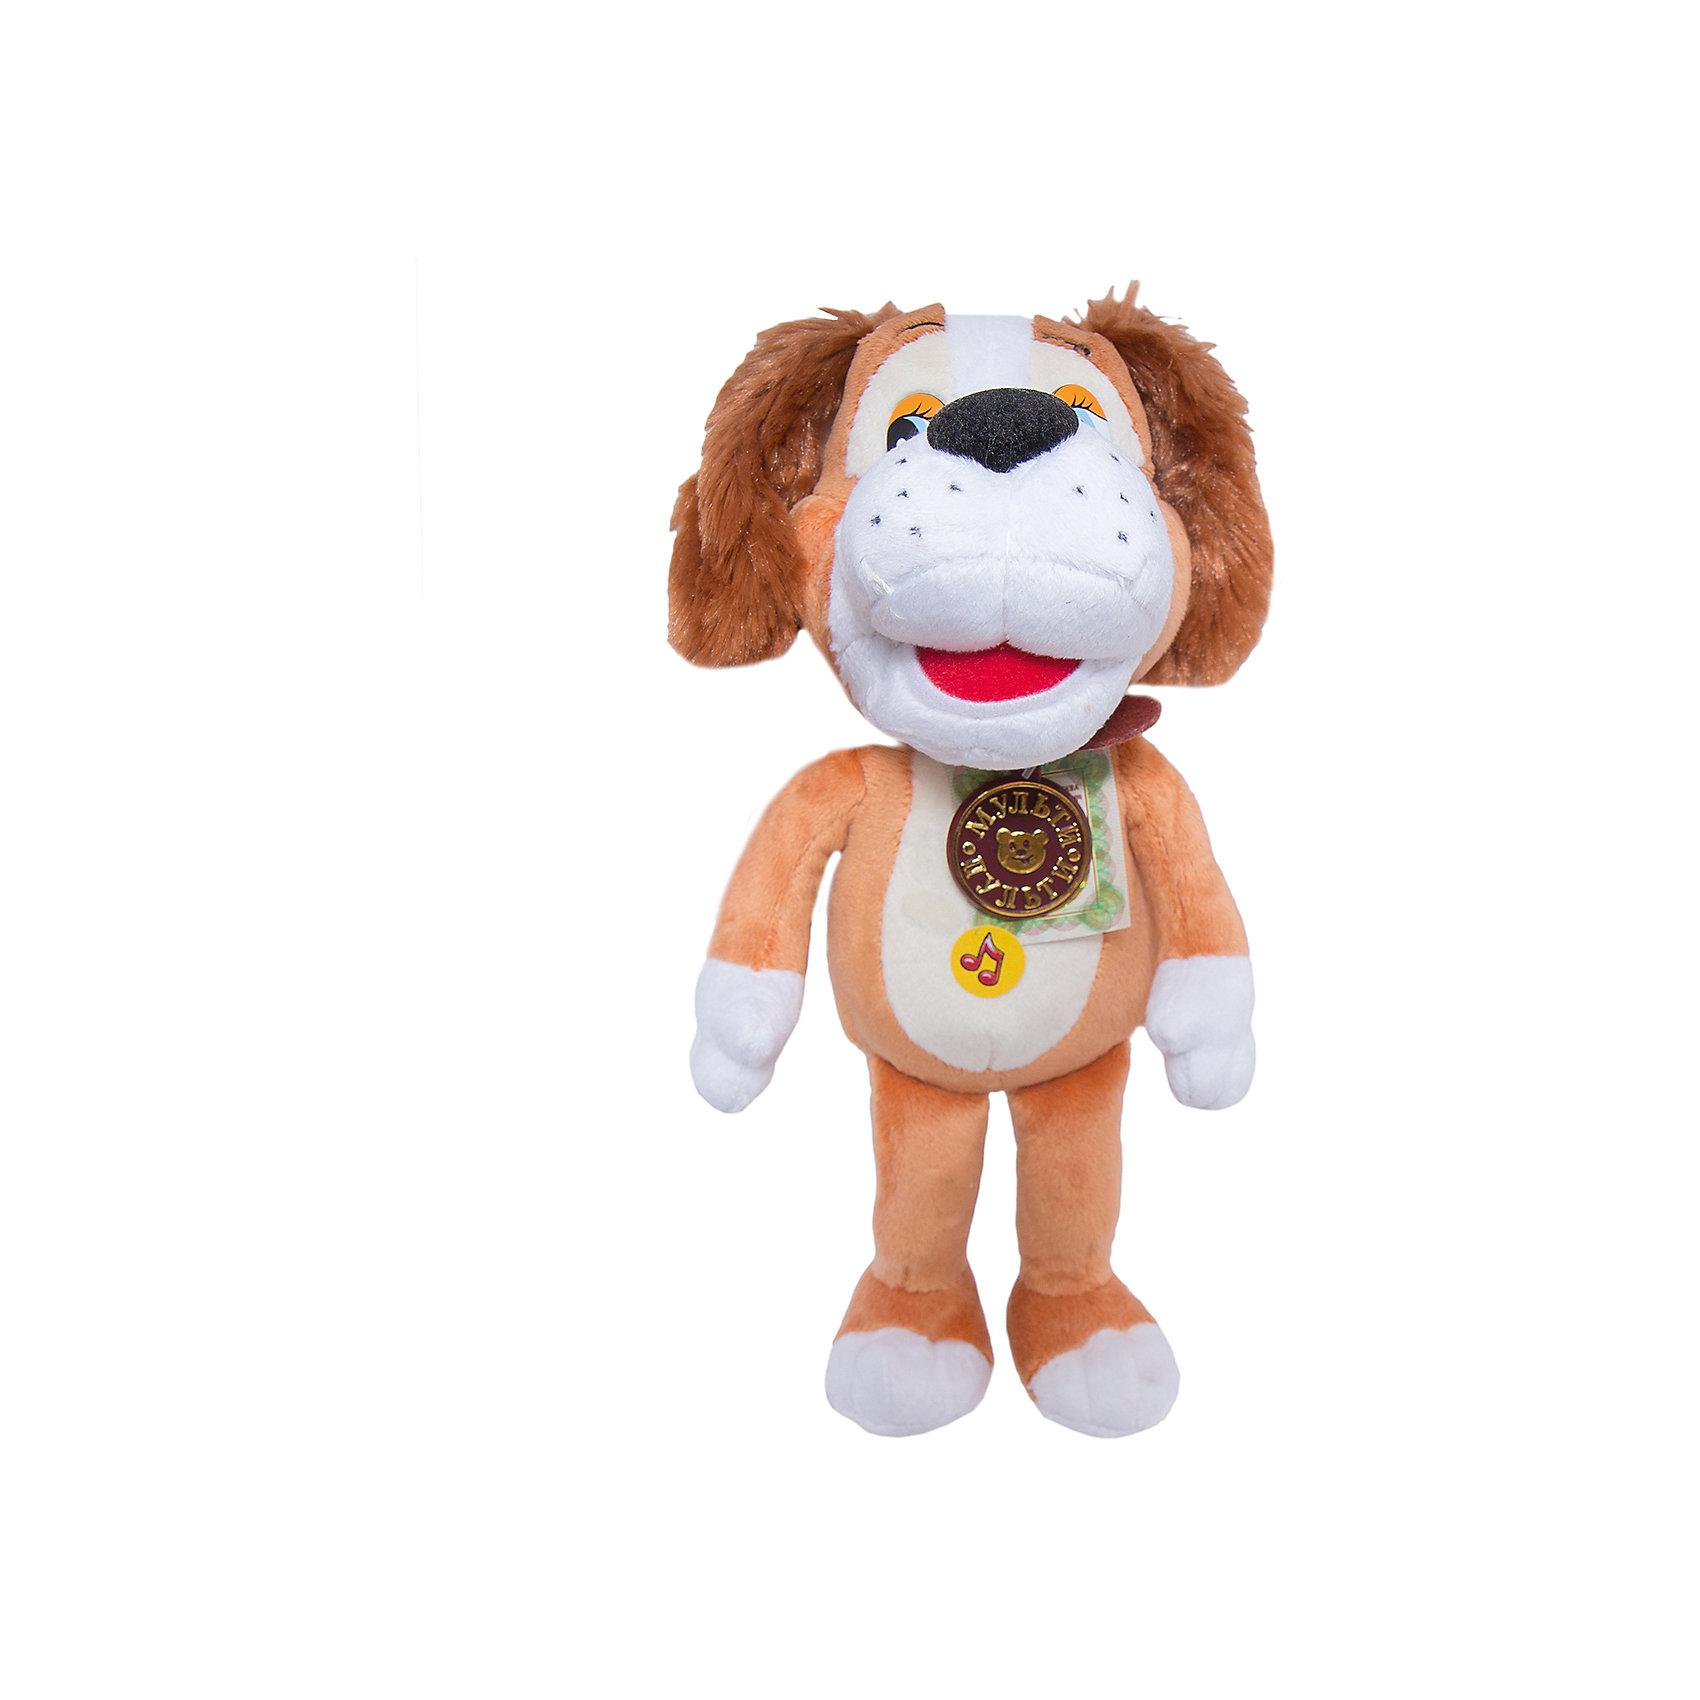 Мягкая игрушка Барбос, 20 см, Бобик в гостях у Барбоса, МУЛЬТИ-ПУЛЬТИЛюбимые герои<br>Мягкая игрушка собака Барбос от Мульти-Пульти порадует и позабавит Вашего ребенка. Собачка Барбос из мультфильма Бобик в гостях у Барбоса хорошо знакома как детям так и взрослым, это озорной веселый пес, который очень любит пошалить. Игрушка оснащена звуковым устройством, если нажать на собачку, она заговорит голосом своего персонажа и споет песенки.<br><br>Дополнительная информация:<br><br>- Материал: цветной плюш, текстиль, пластик.<br>- Требуются батарейки:  3 *типа LR44 (входят в комплект).<br>- Размер игрушки: 20 см.<br>- Размер упаковки: 14 х 22 х 17 см.<br> <br>Мягкую игрушку Барбос из мультфильма Бобик в гостях у Барбоса от Мульти-Пульти можно купить в нашем магазине.<br><br>Ширина мм: 110<br>Глубина мм: 190<br>Высота мм: 280<br>Вес г: 330<br>Возраст от месяцев: 36<br>Возраст до месяцев: 72<br>Пол: Унисекс<br>Возраст: Детский<br>SKU: 2149196